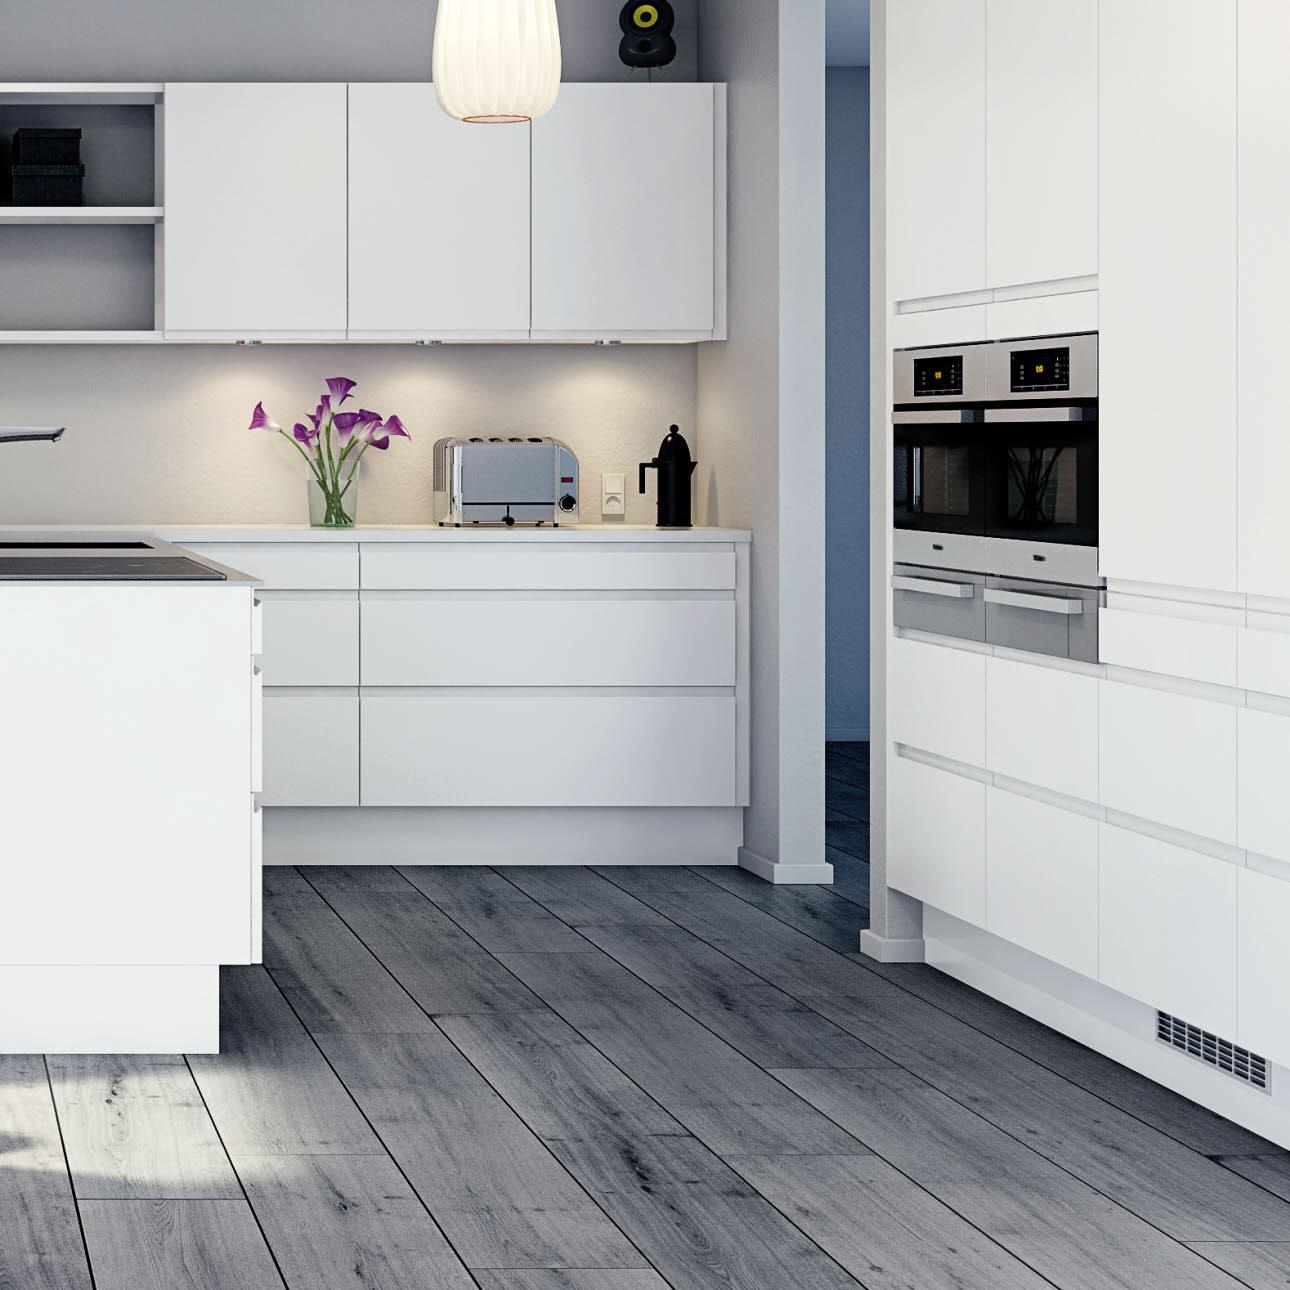 Straight Line Kitchen Layout: Kitchen Design For Modern Life: Find Your New Kitchen